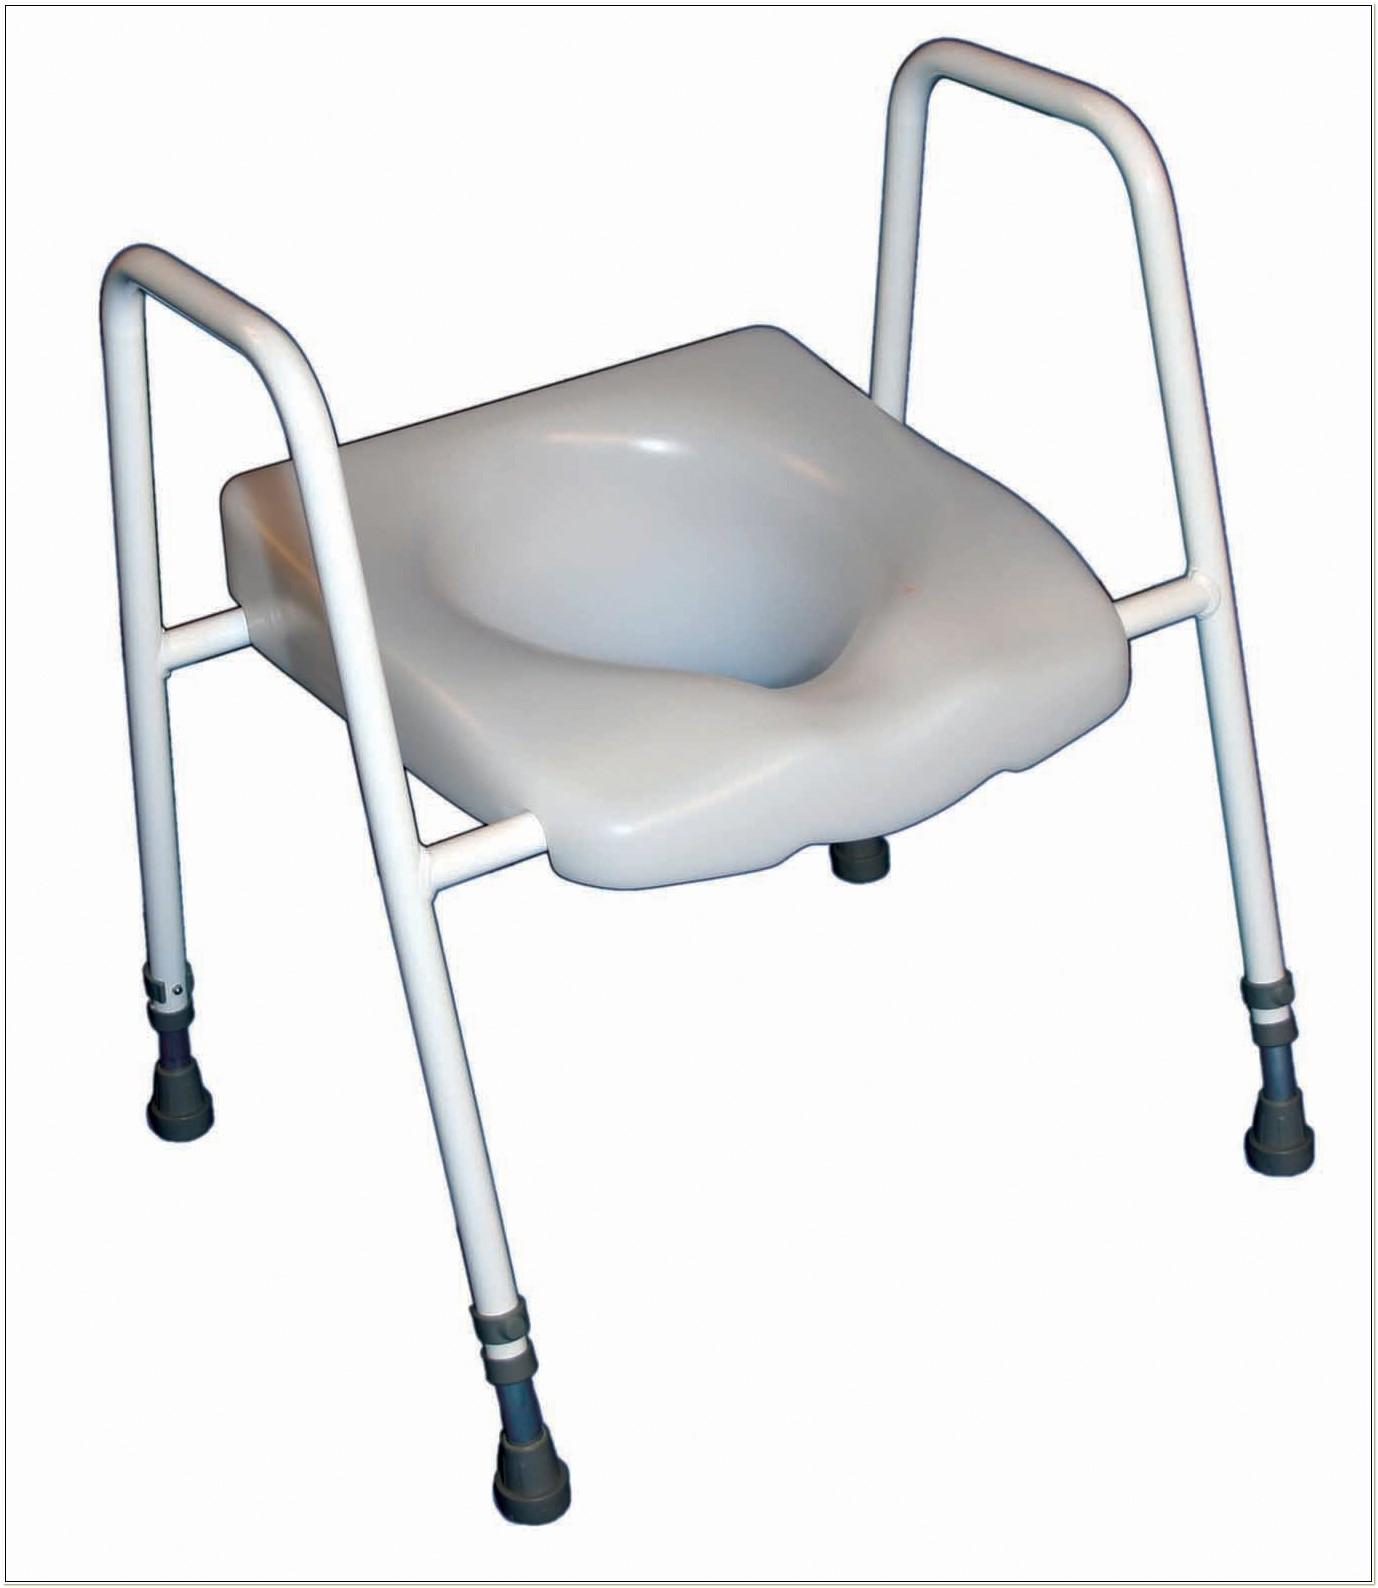 Toilet Chair For Elderly In Delhi